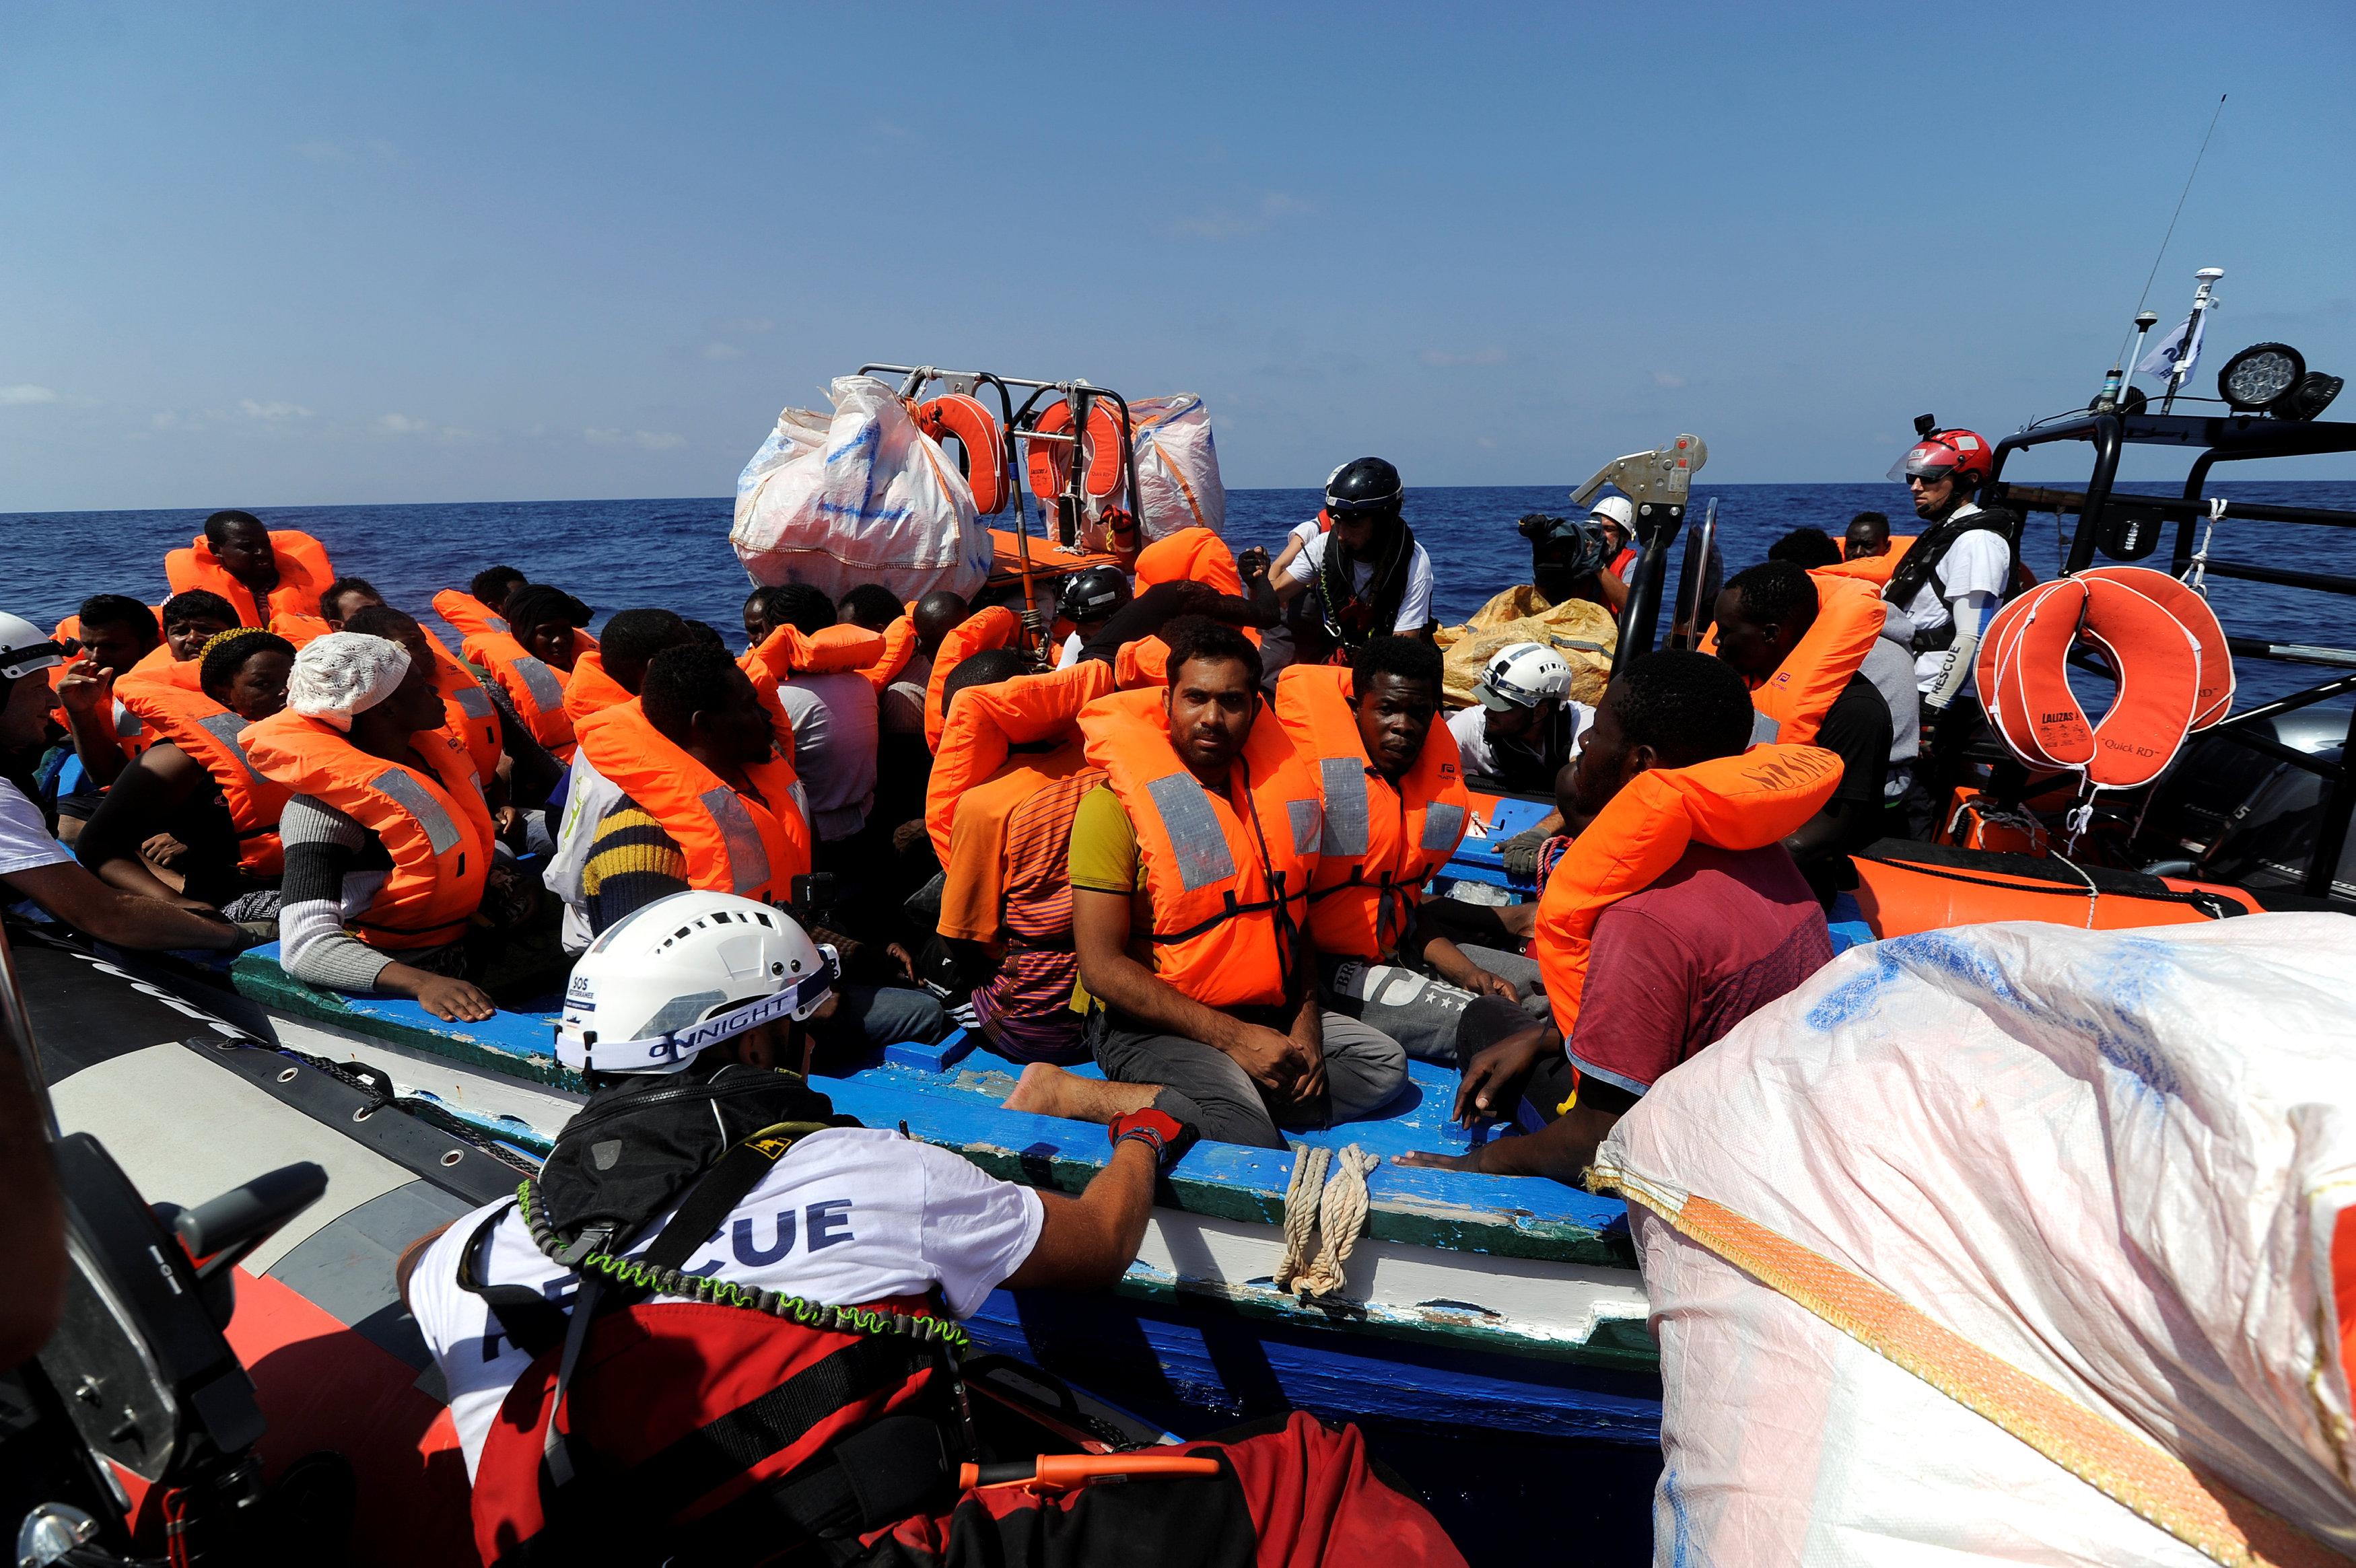 المهاجرين أثناء تواجدهم بالقرب من السواحل الليبية